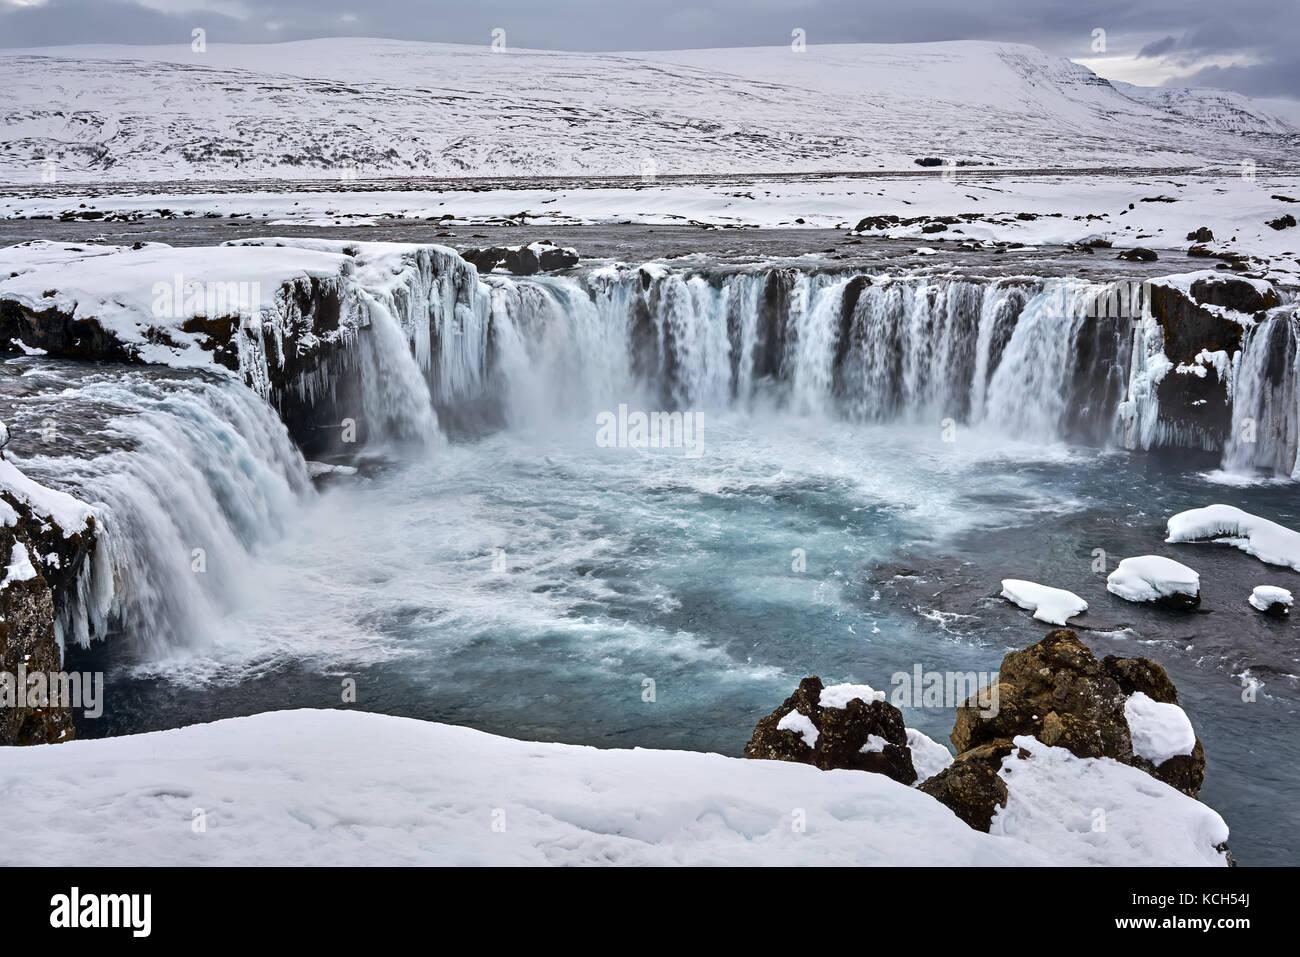 Paisaje islandés con cascada. Imagen De Stock